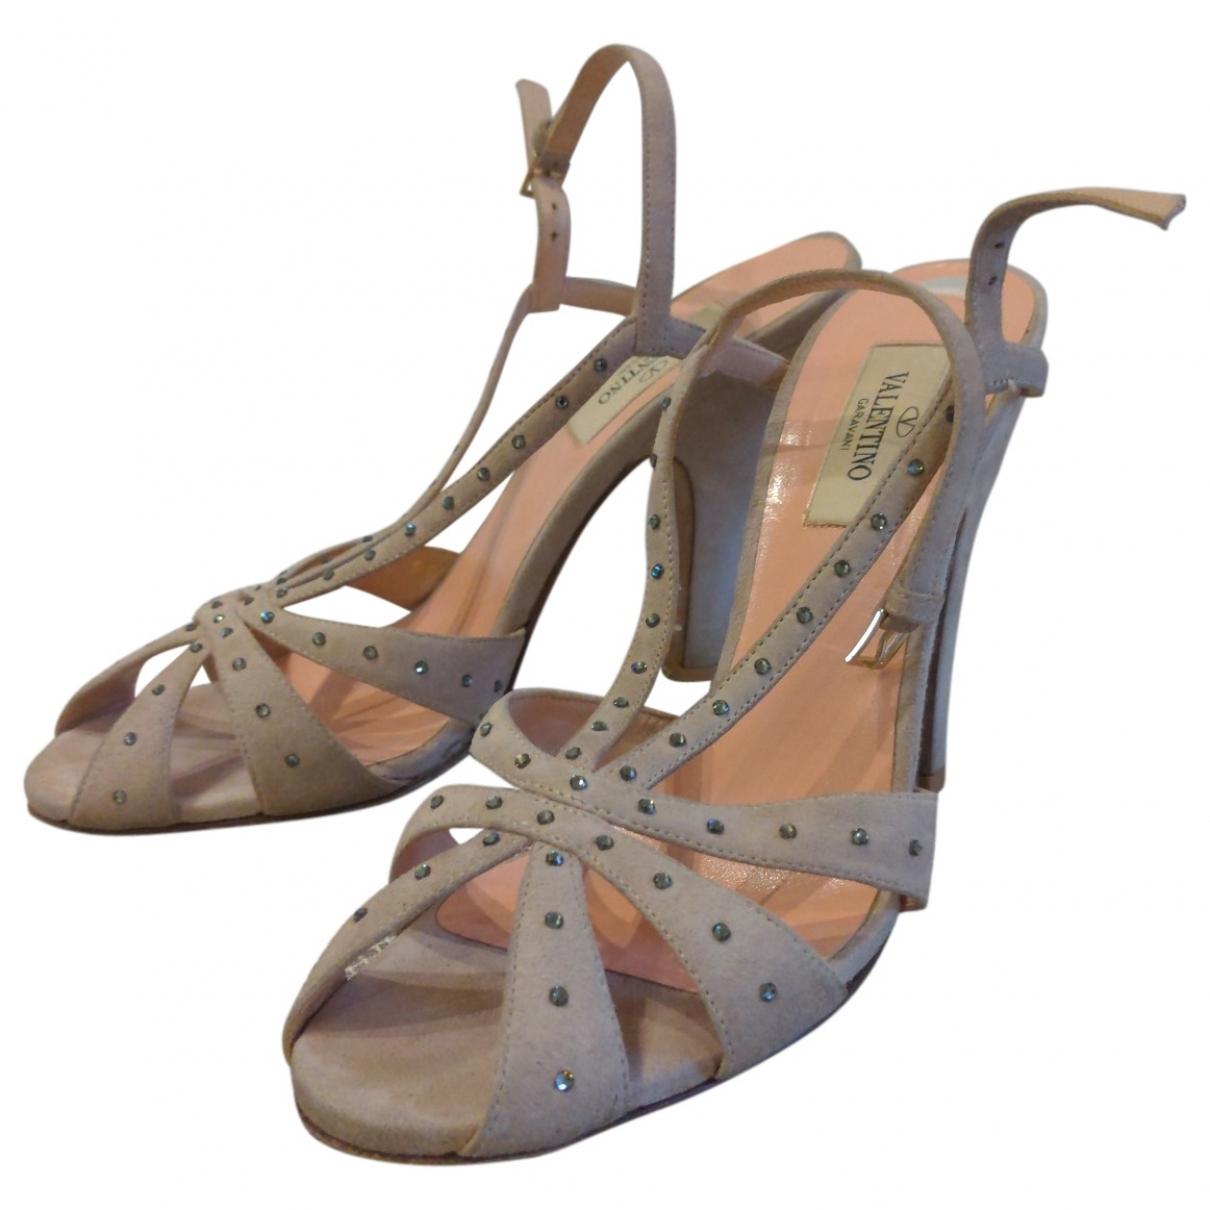 Valentino Garavani Rockstud Pink Suede Sandals for Women 37.5 EU